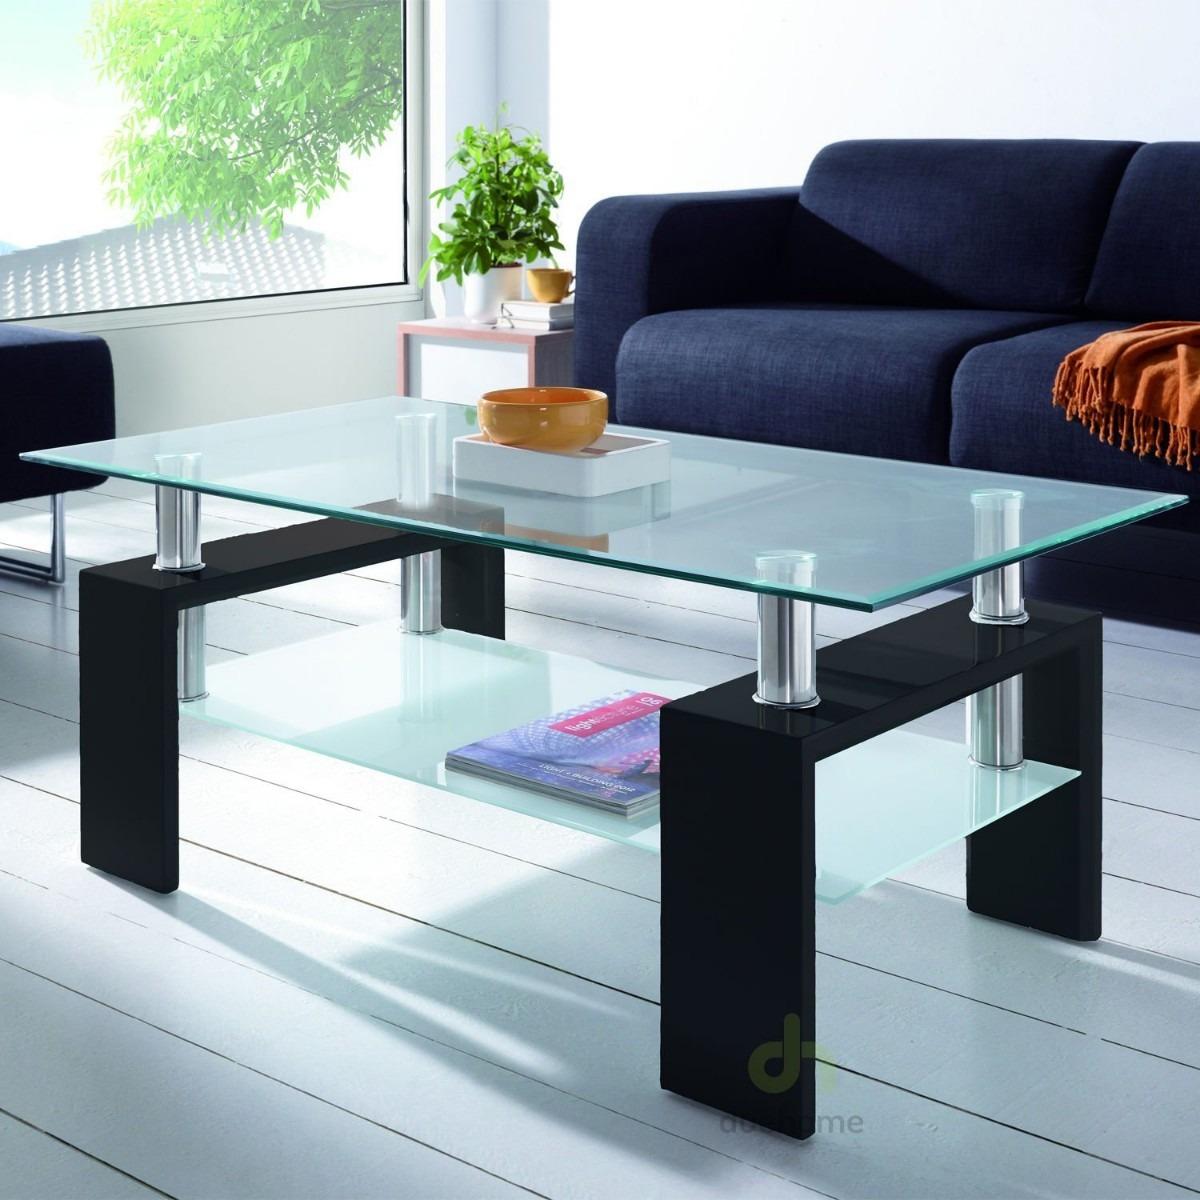 Mesa de centro vidrio templado biselado nuevas u s 84 00 en mercado libre - Mesas de vidrio templado ...